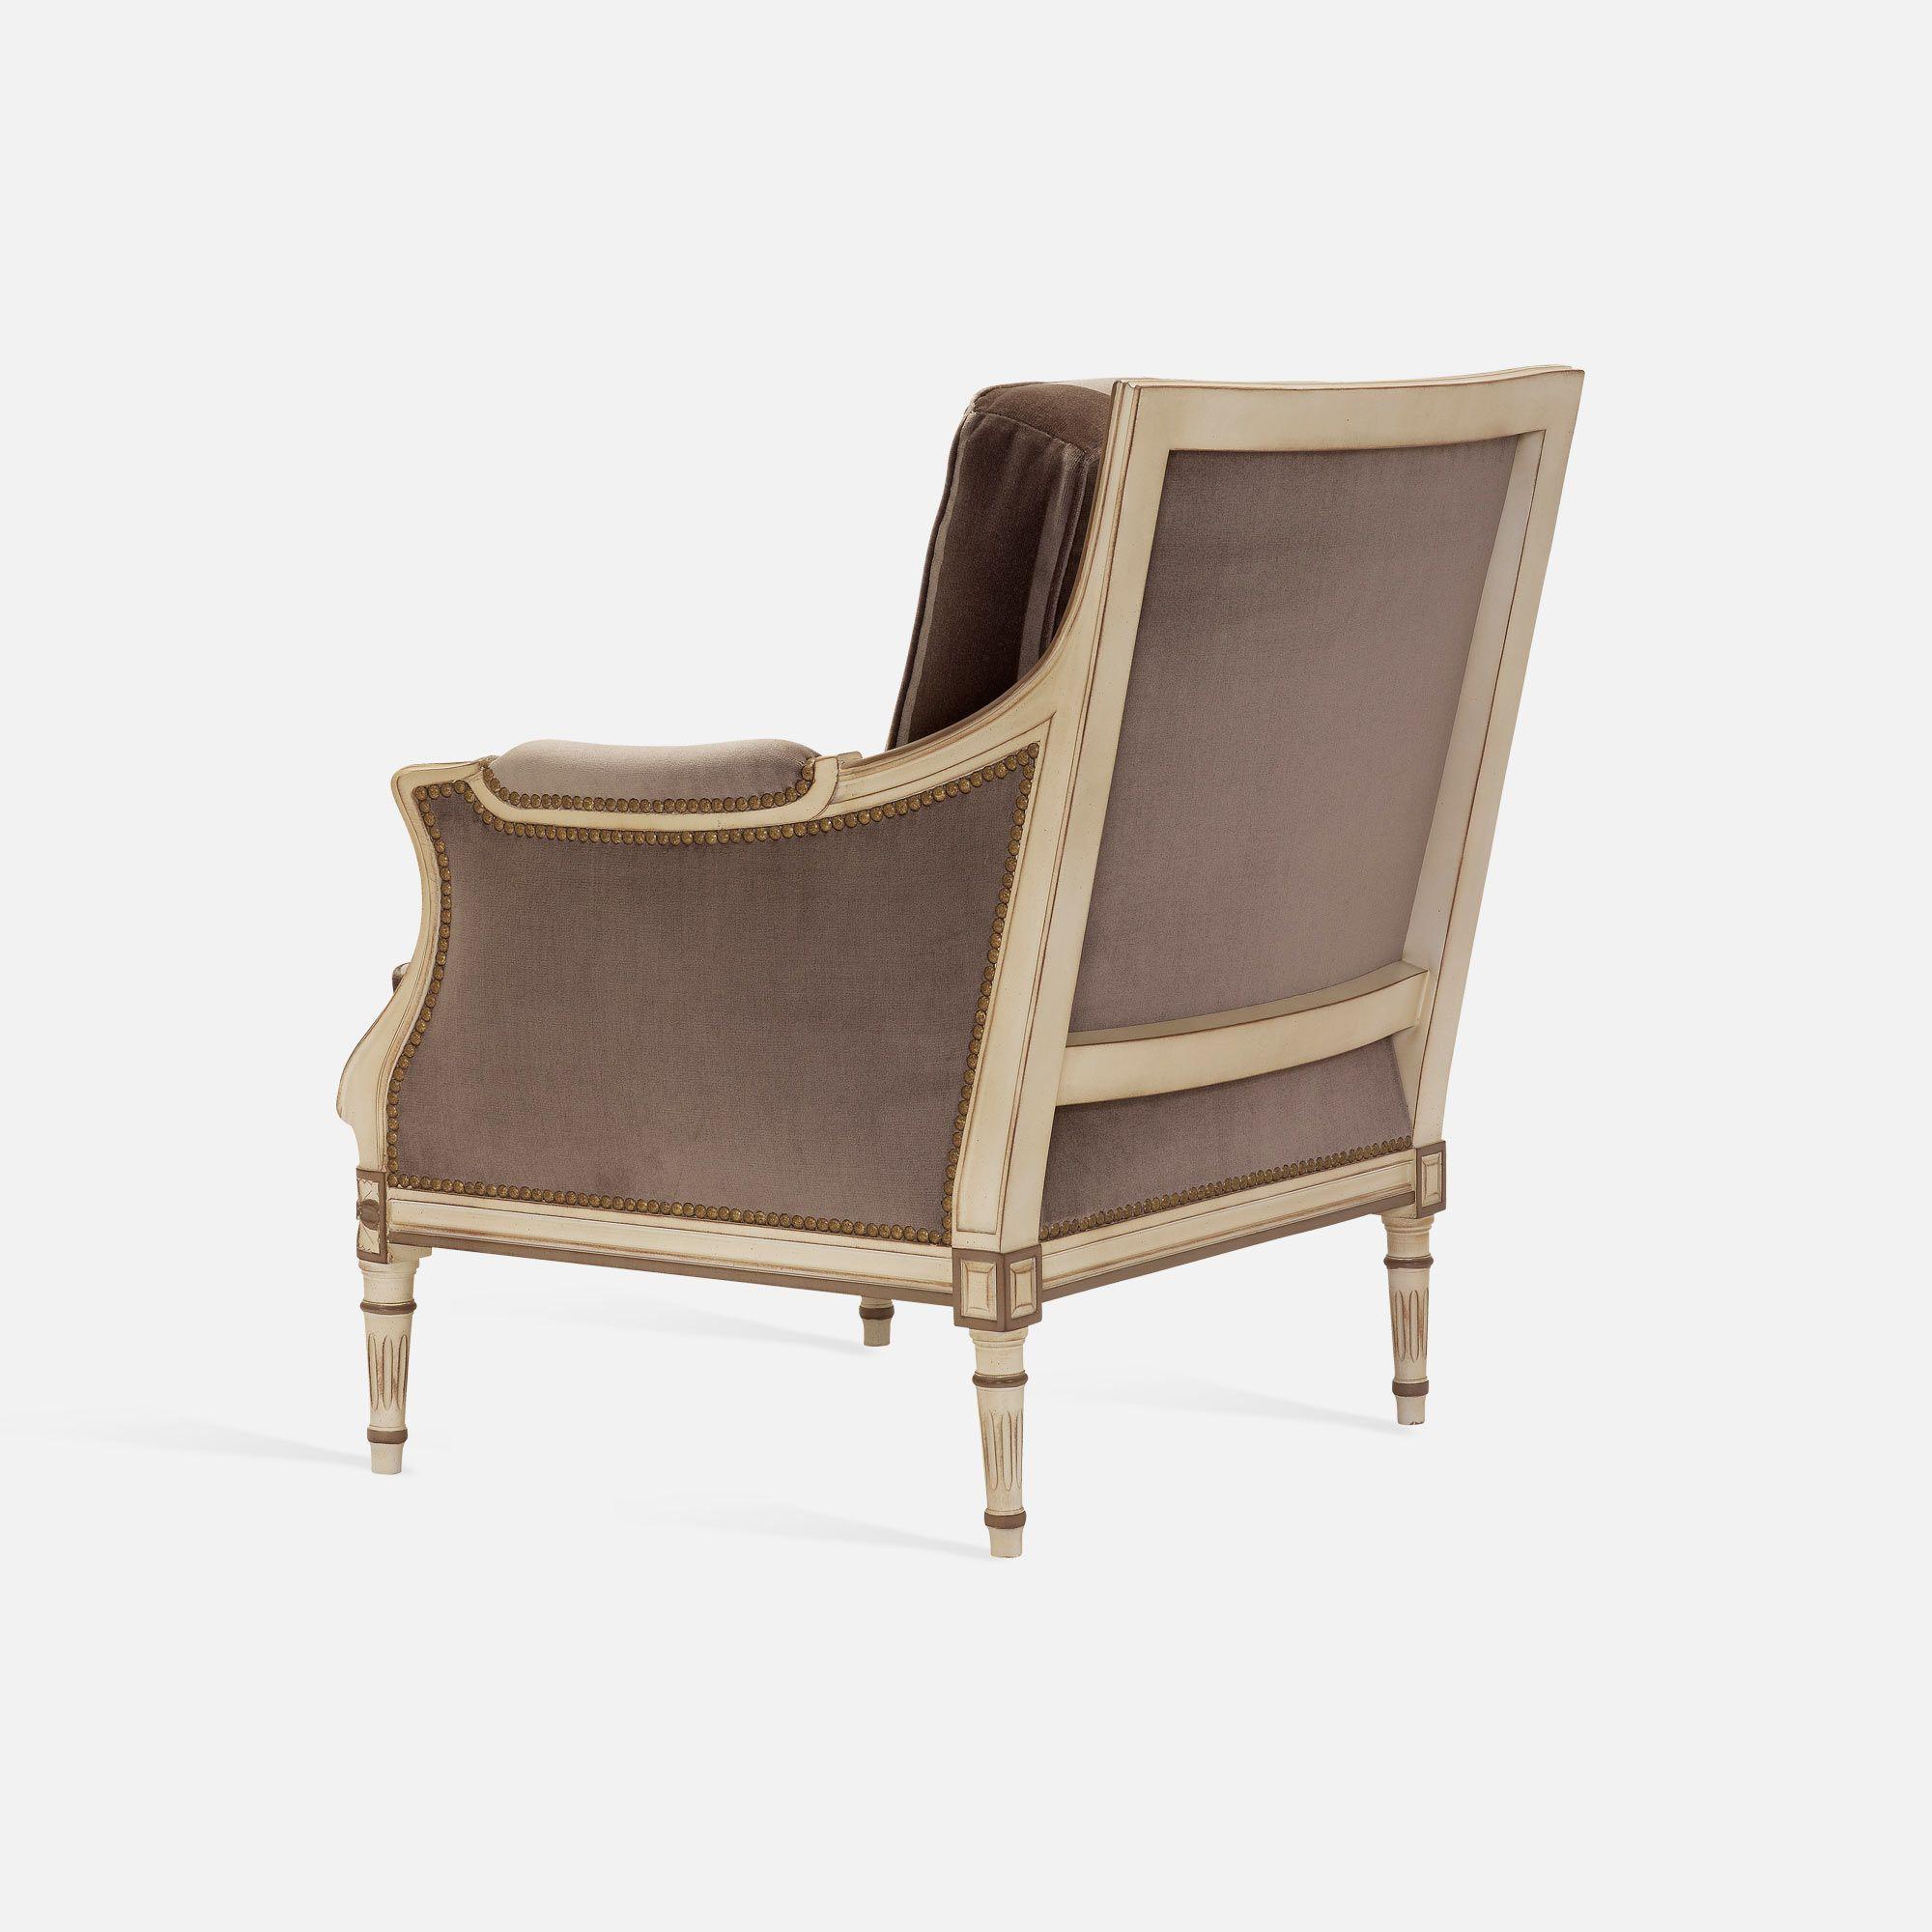 Bergere chair for Hotel restaurant bar Louis XVI